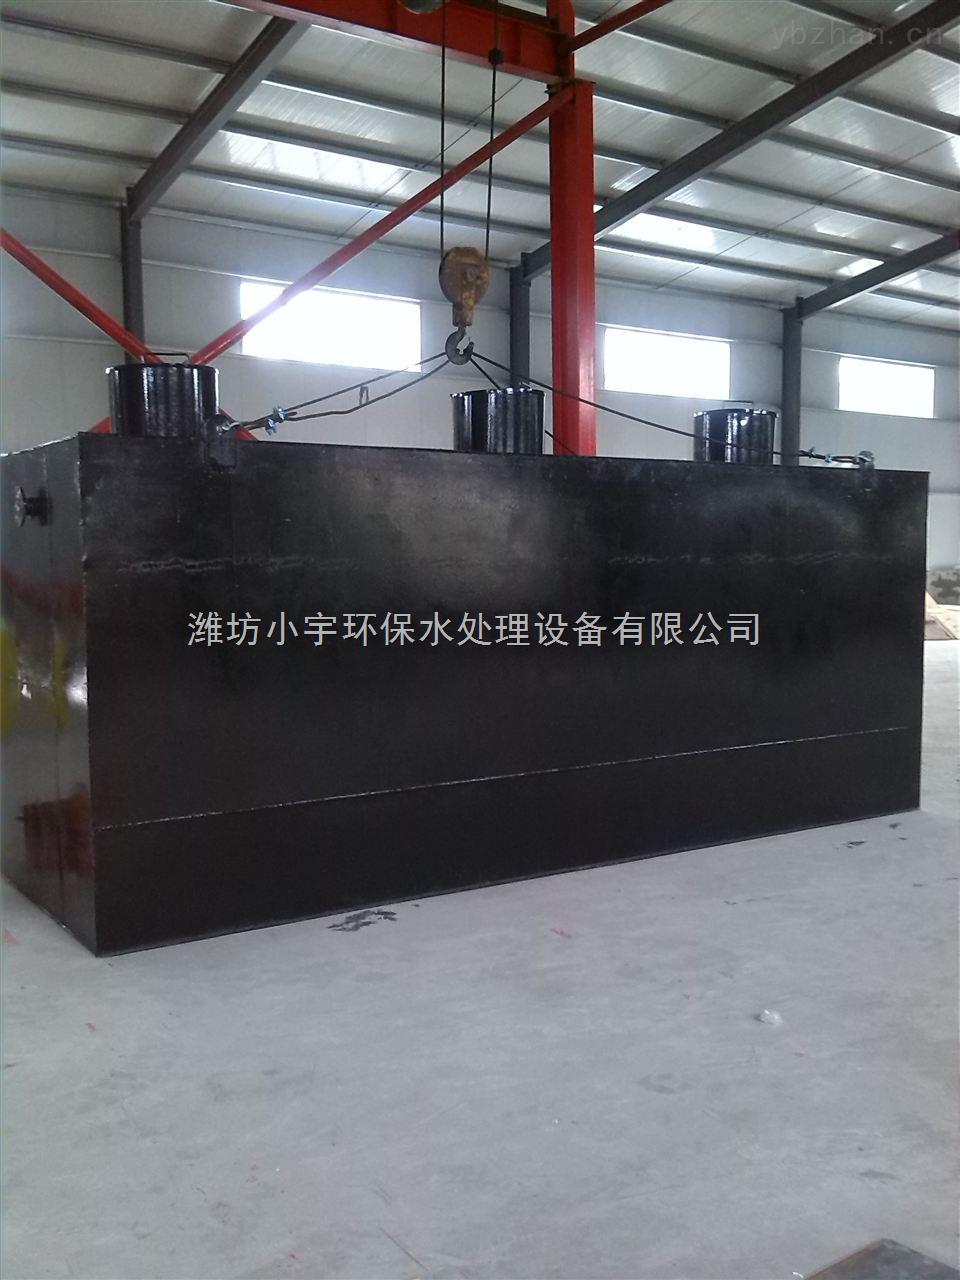 云南  小宇 地埋一体化污水处理设备应用于 医院污水 生活污水矿井污水